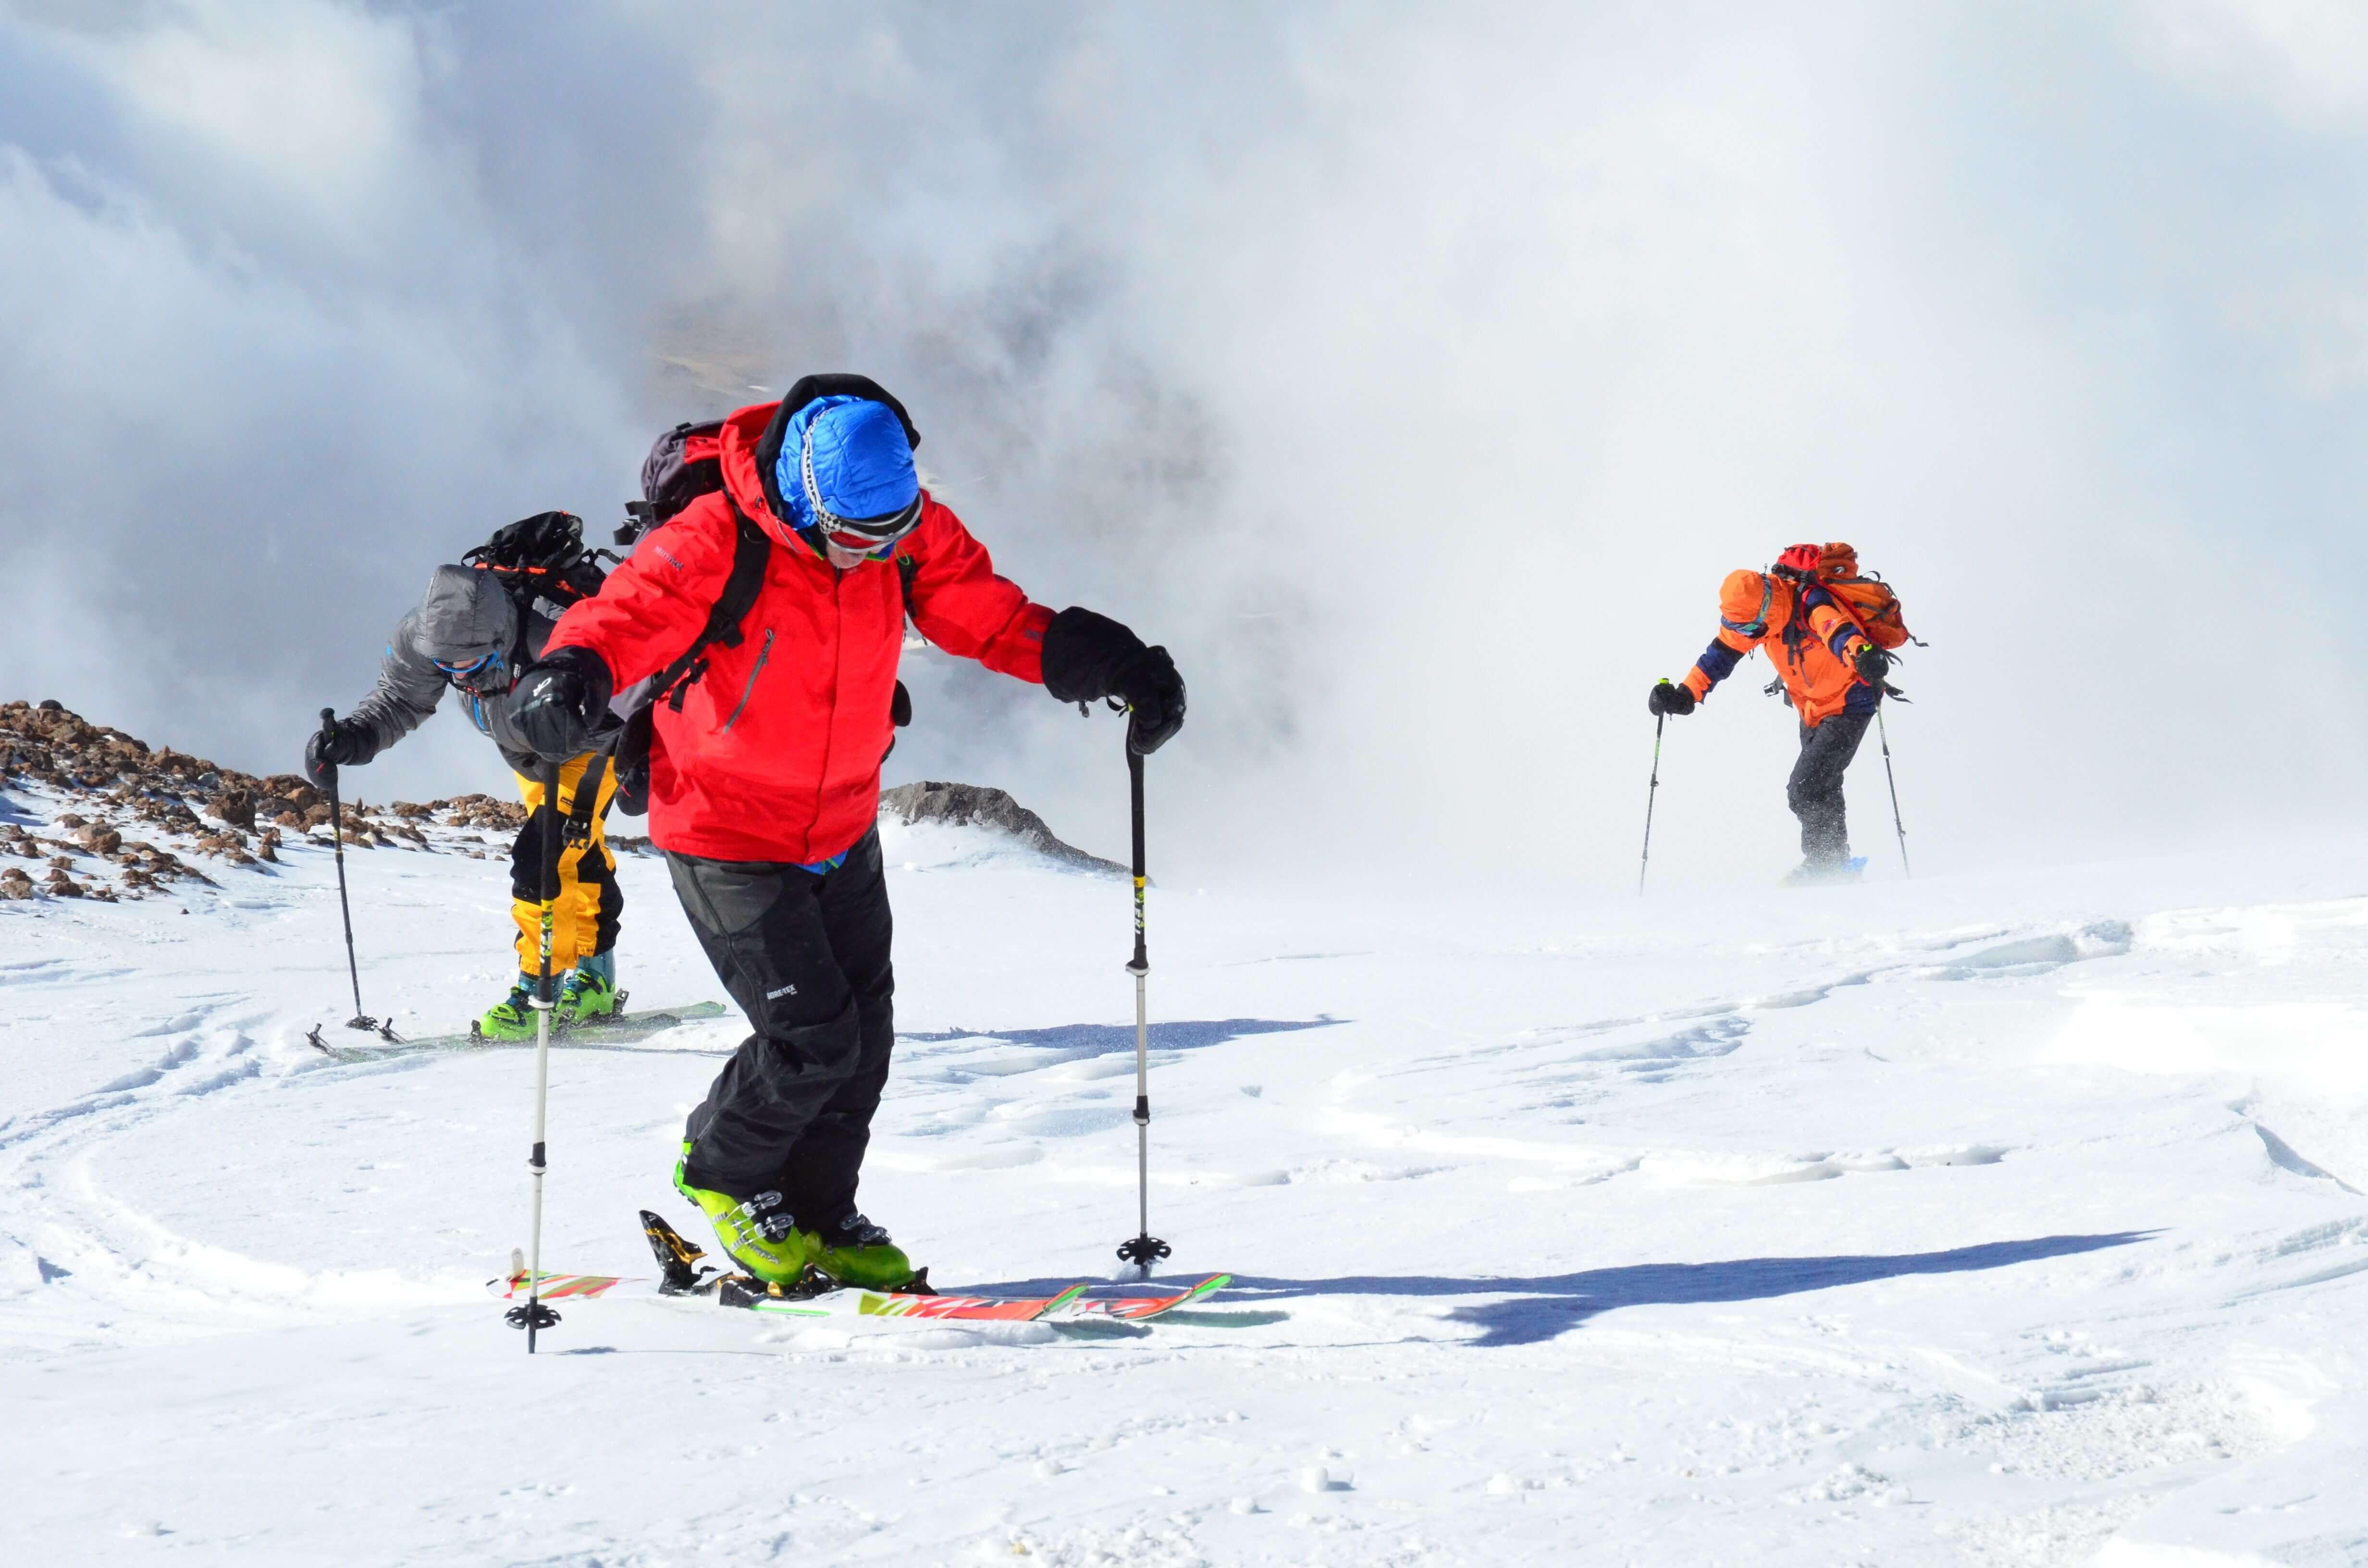 Alibabatrek iran travel visit iran tour packages iran ski touring skiing in iran iran ski tour Iran ski resort iran ski package holidays iran snowboarding (2)